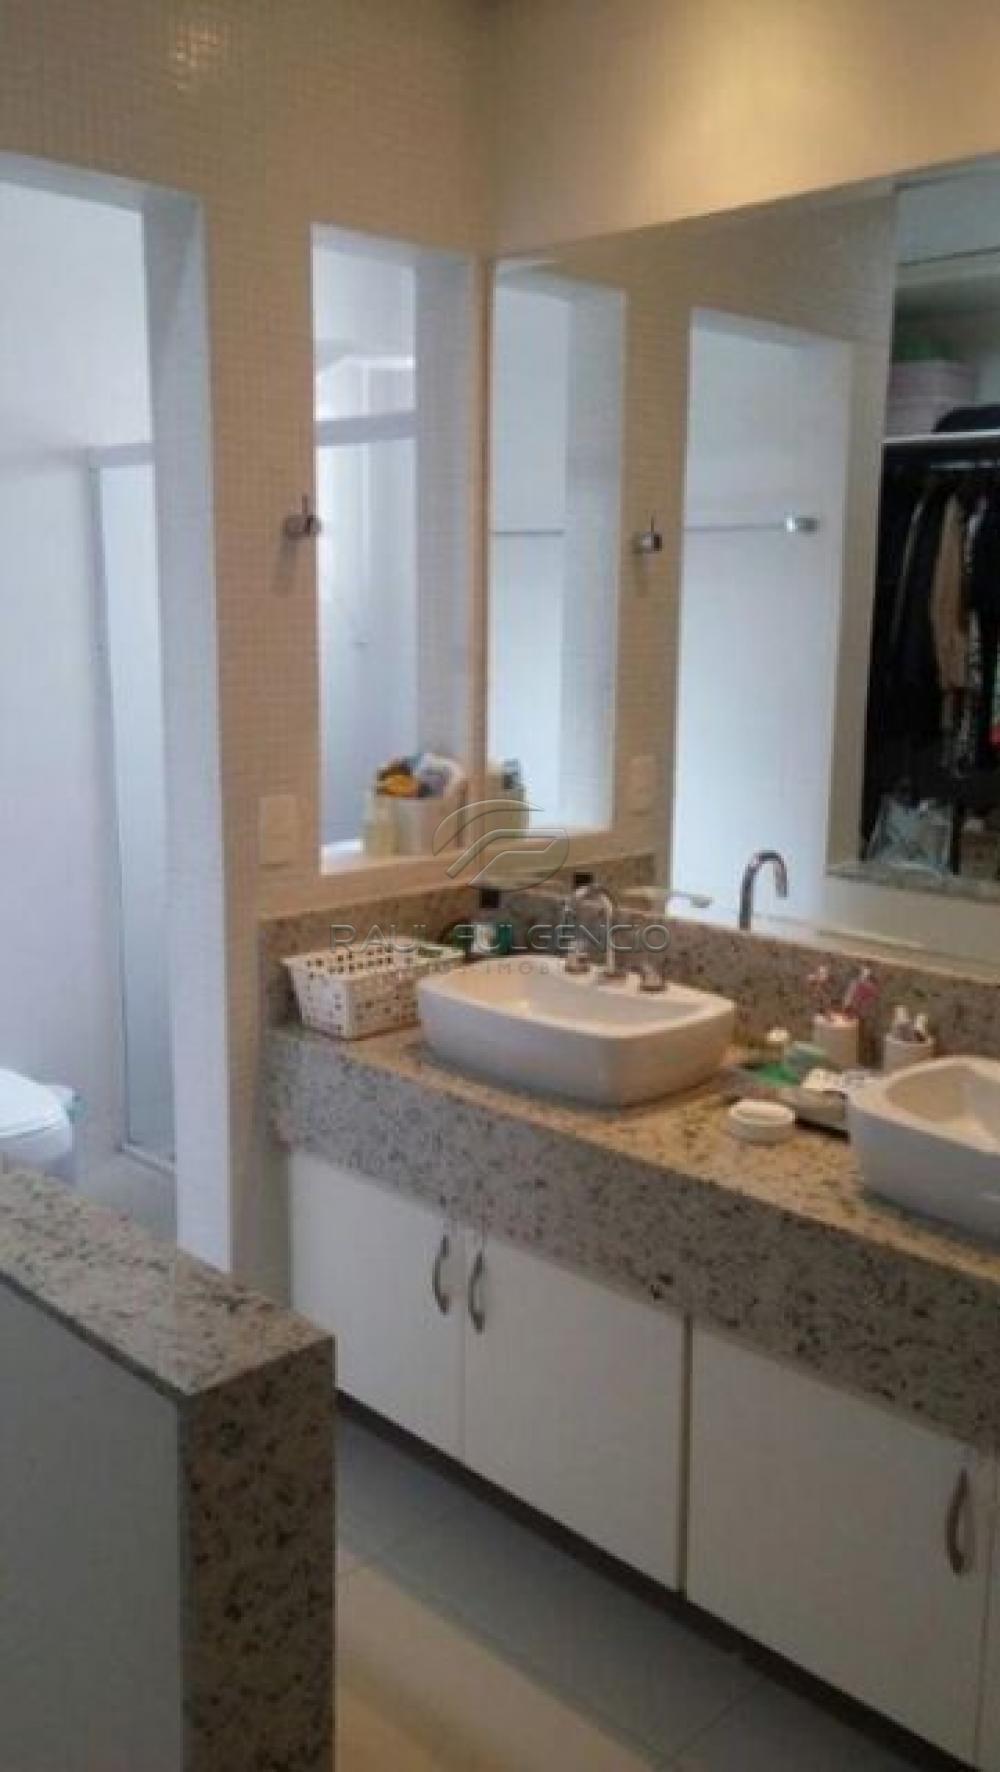 Comprar Casa / Condomínio Térrea em Londrina apenas R$ 830.000,00 - Foto 16